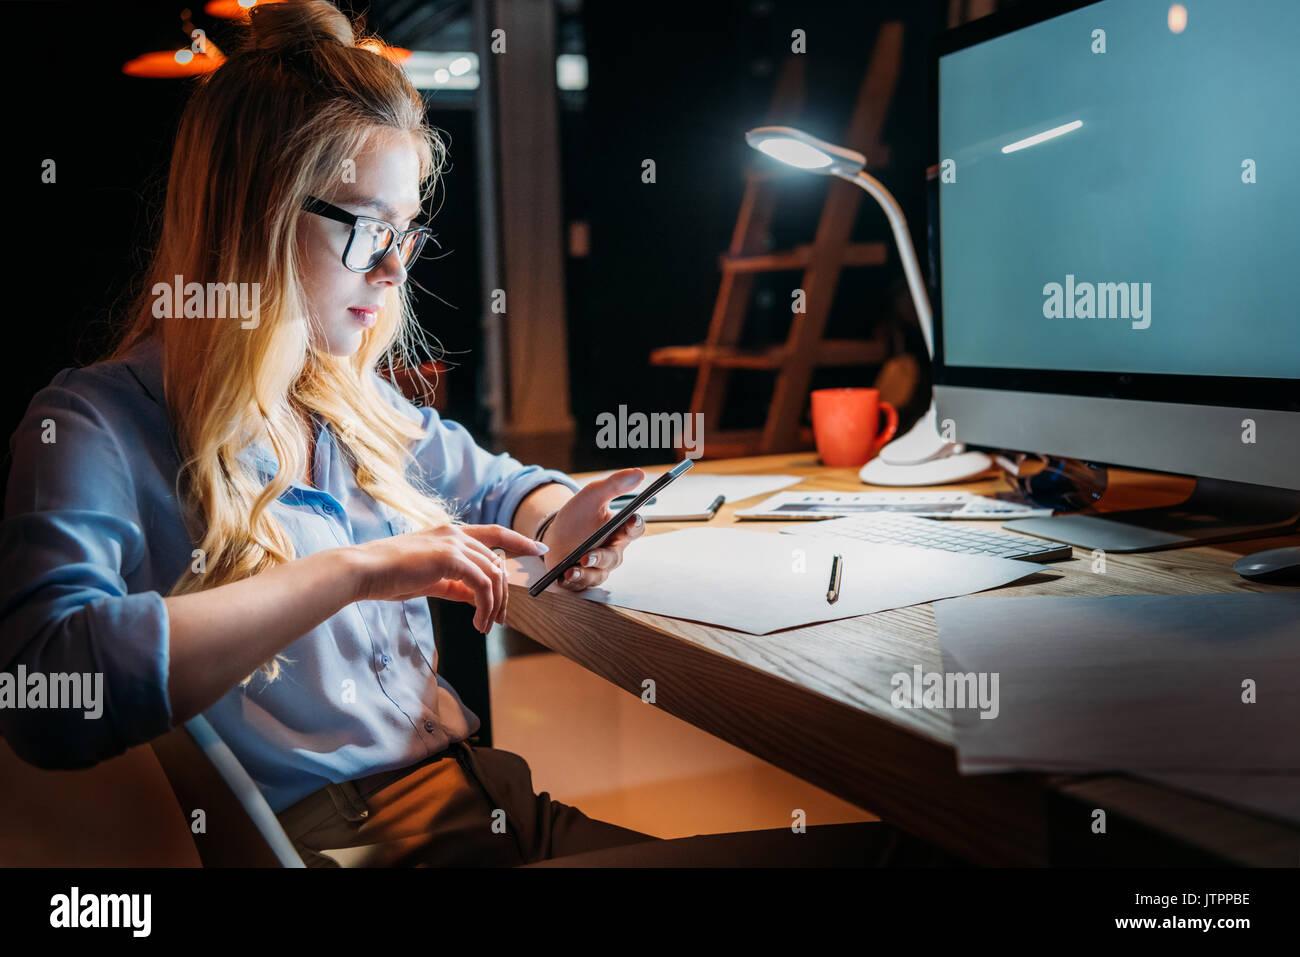 Junge blonde kaukasischen Geschäftsfrau in Brillen mit Smartphone und Sitzen am Arbeitsplatz mit Computer Stockbild